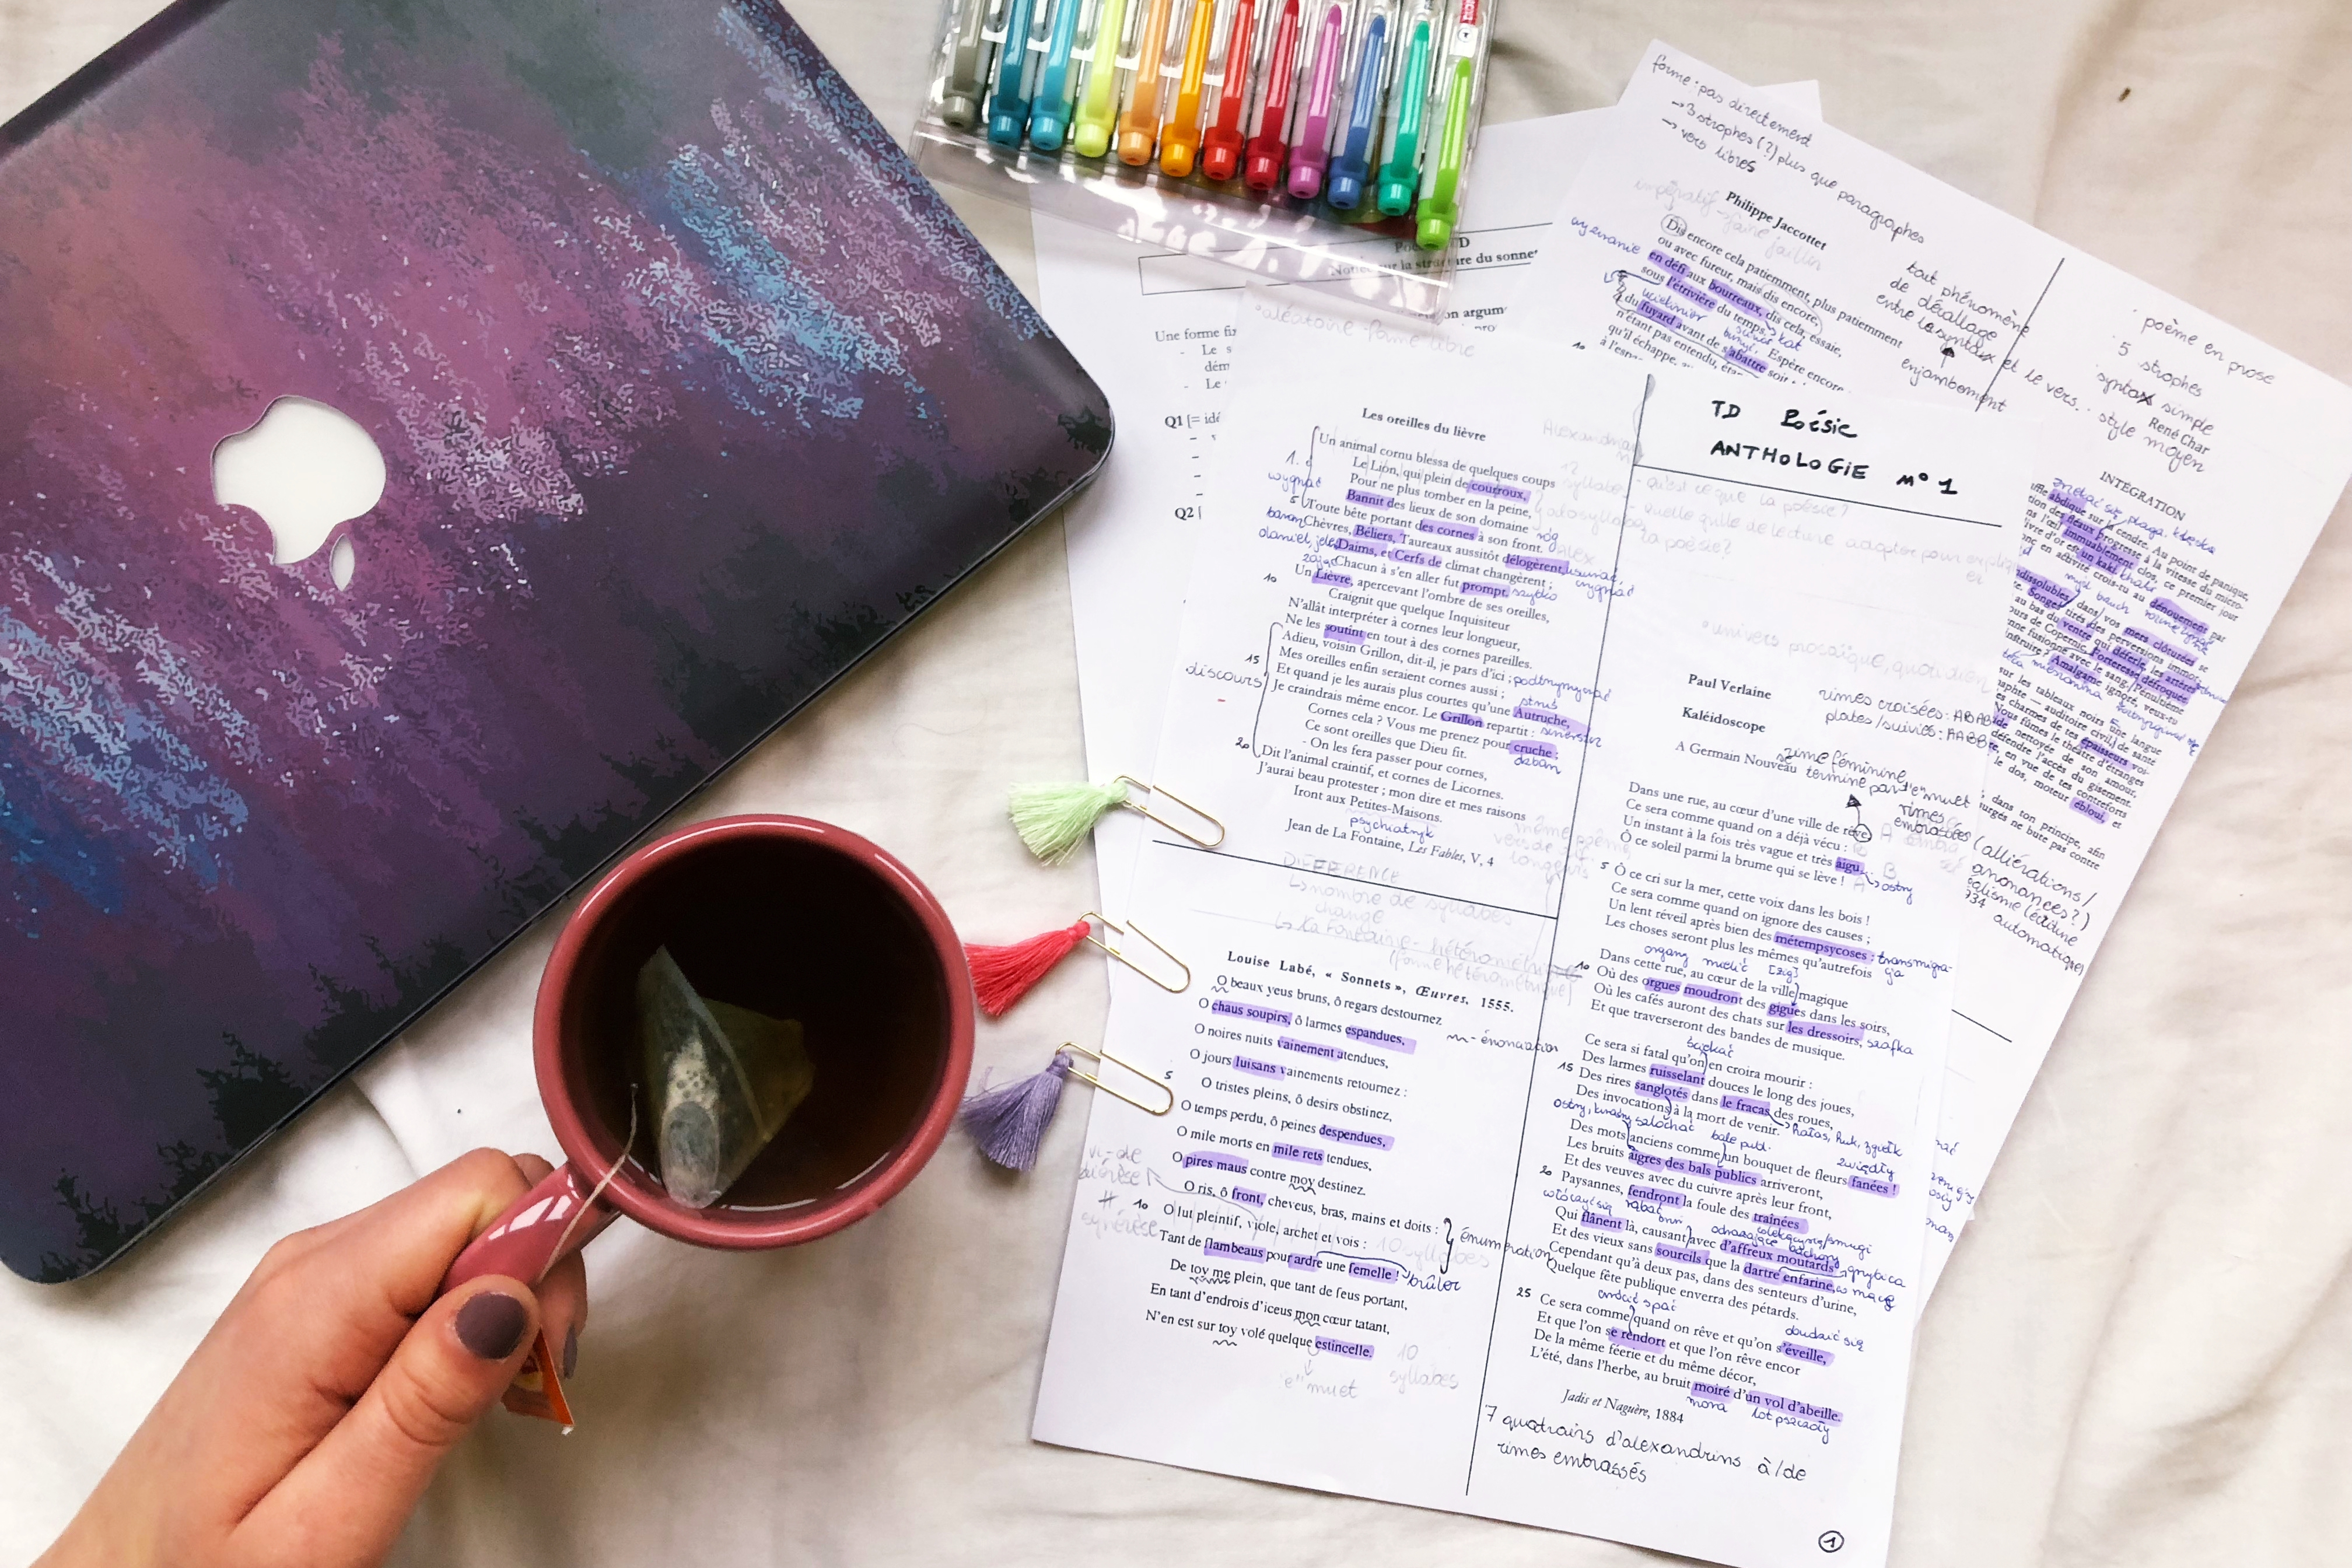 Jak powtarzać materiał przed egzaminem?